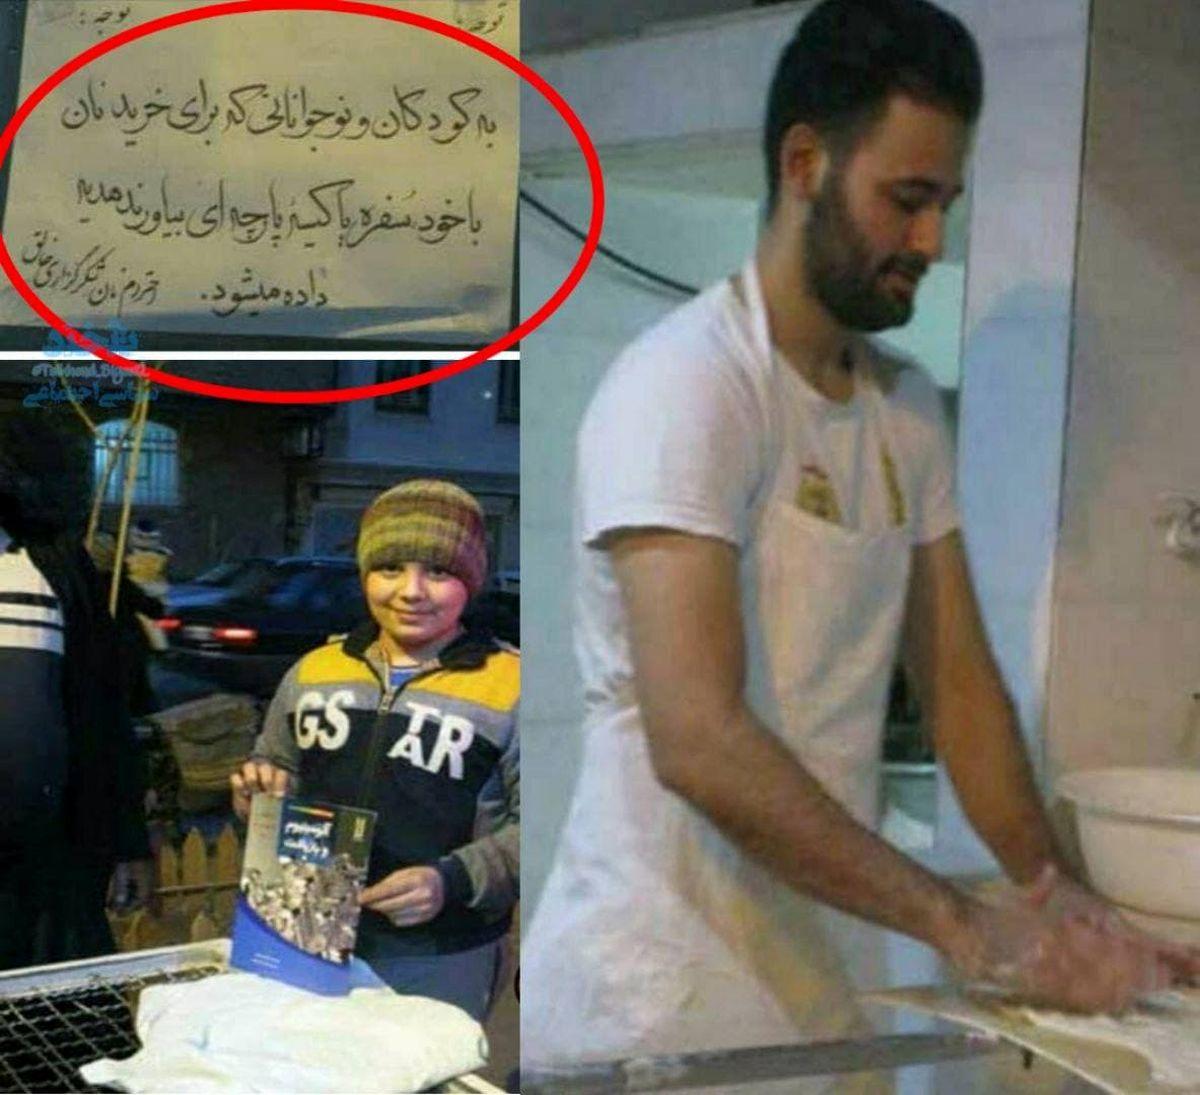 کار فرهنگی و جالب یک نانوایی در تهران برای احترام به نان + عکس